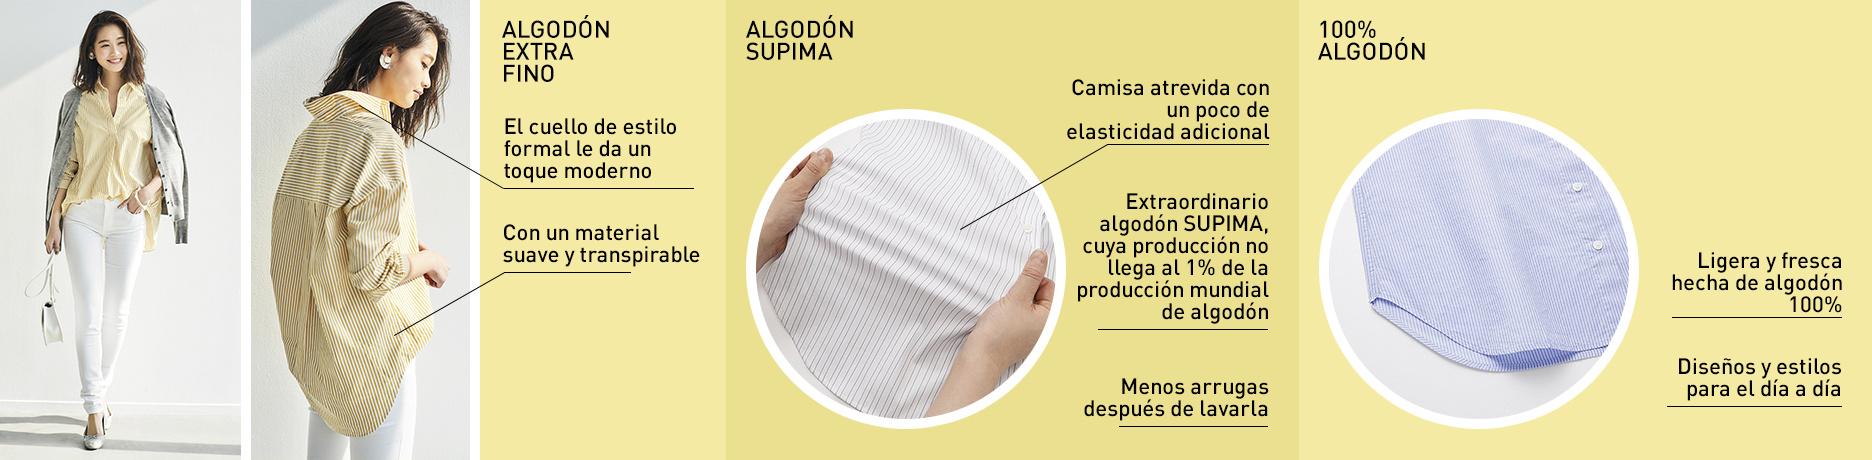 extra de algodón